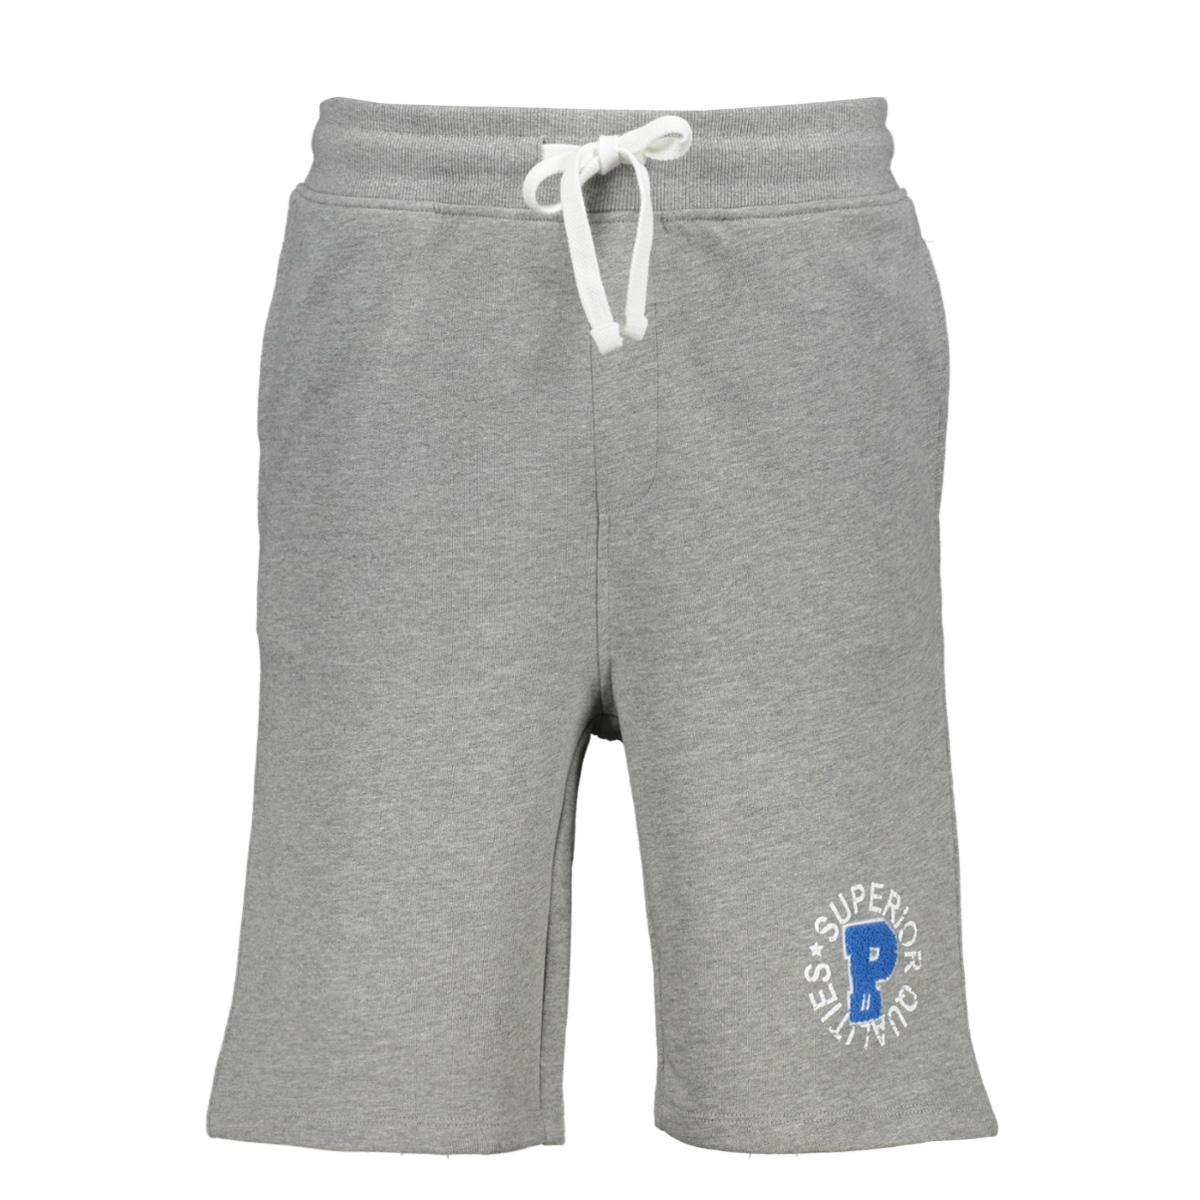 pktviy image sweat shorts 12149799 produkt korte broek light grey melange